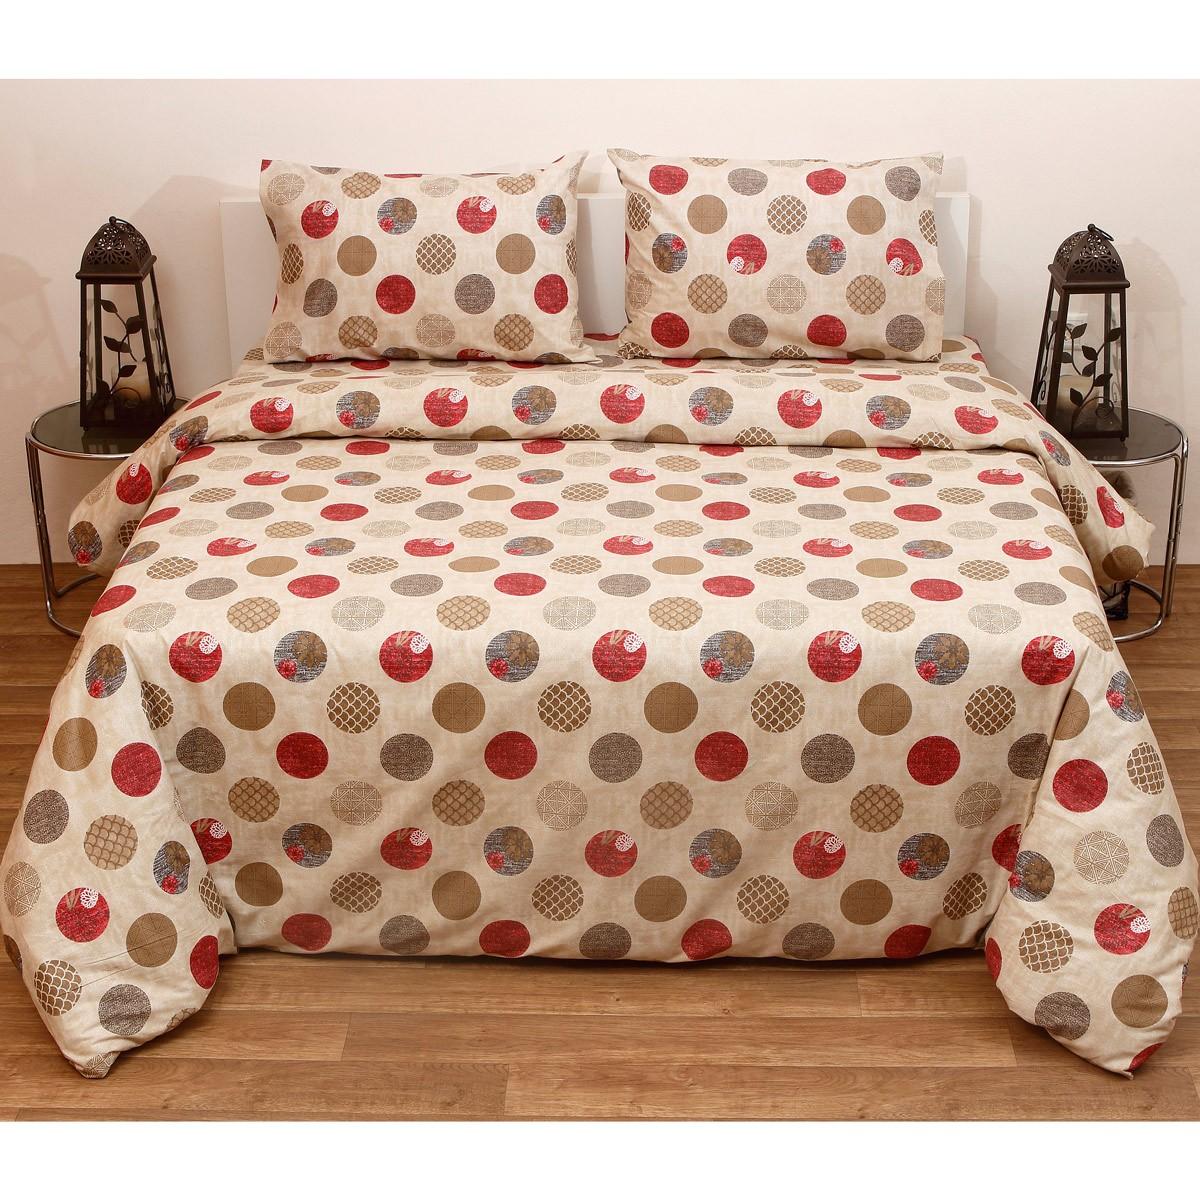 Κουβερλί Ημίδιπλο (Σετ) Viopros Fresh Κάρμεν home   κρεβατοκάμαρα   κουβερλί   κουβερλί ημίδιπλα   διπλά